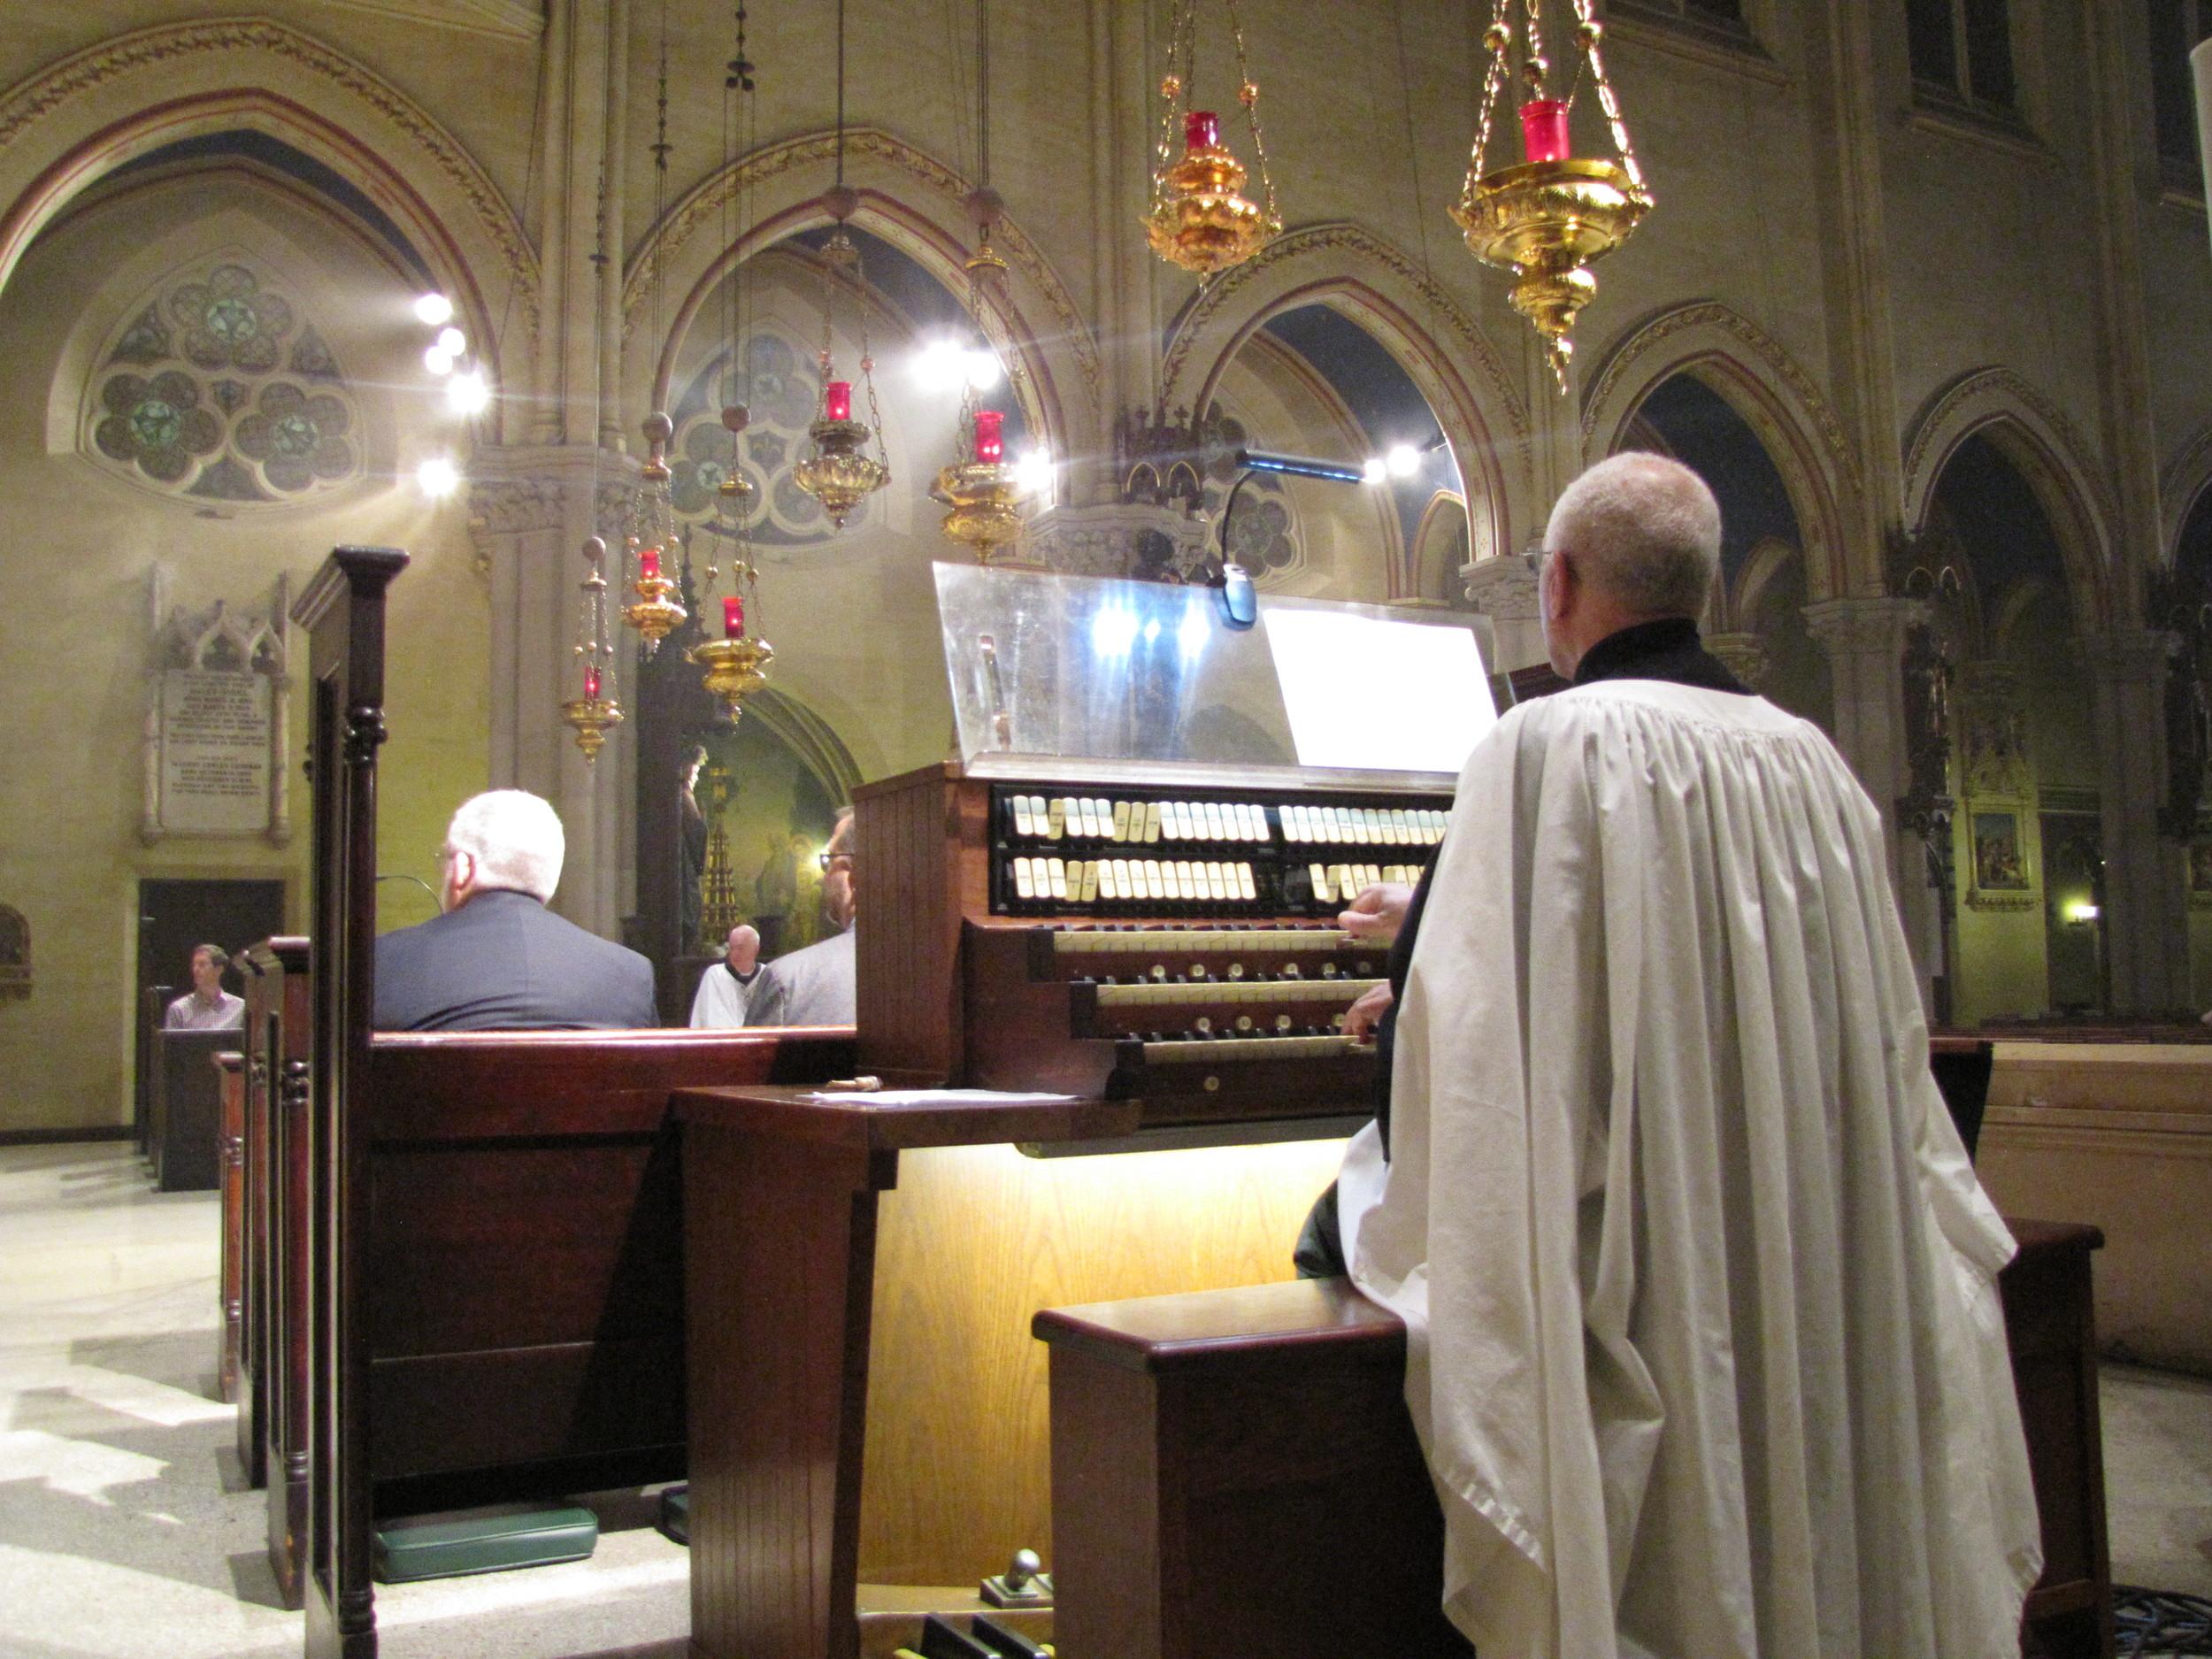 Dr. David Hurd at the console organ